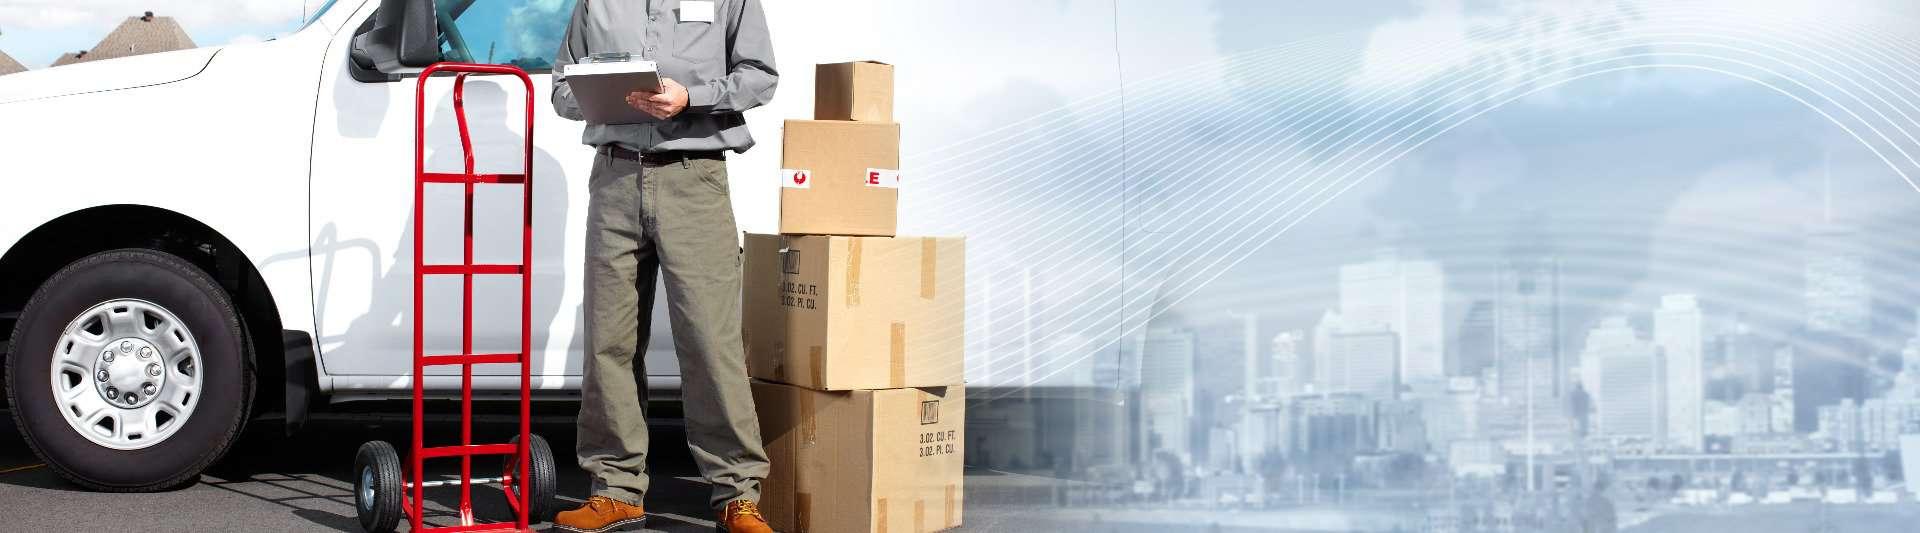 shutterstock_654255433-parcel